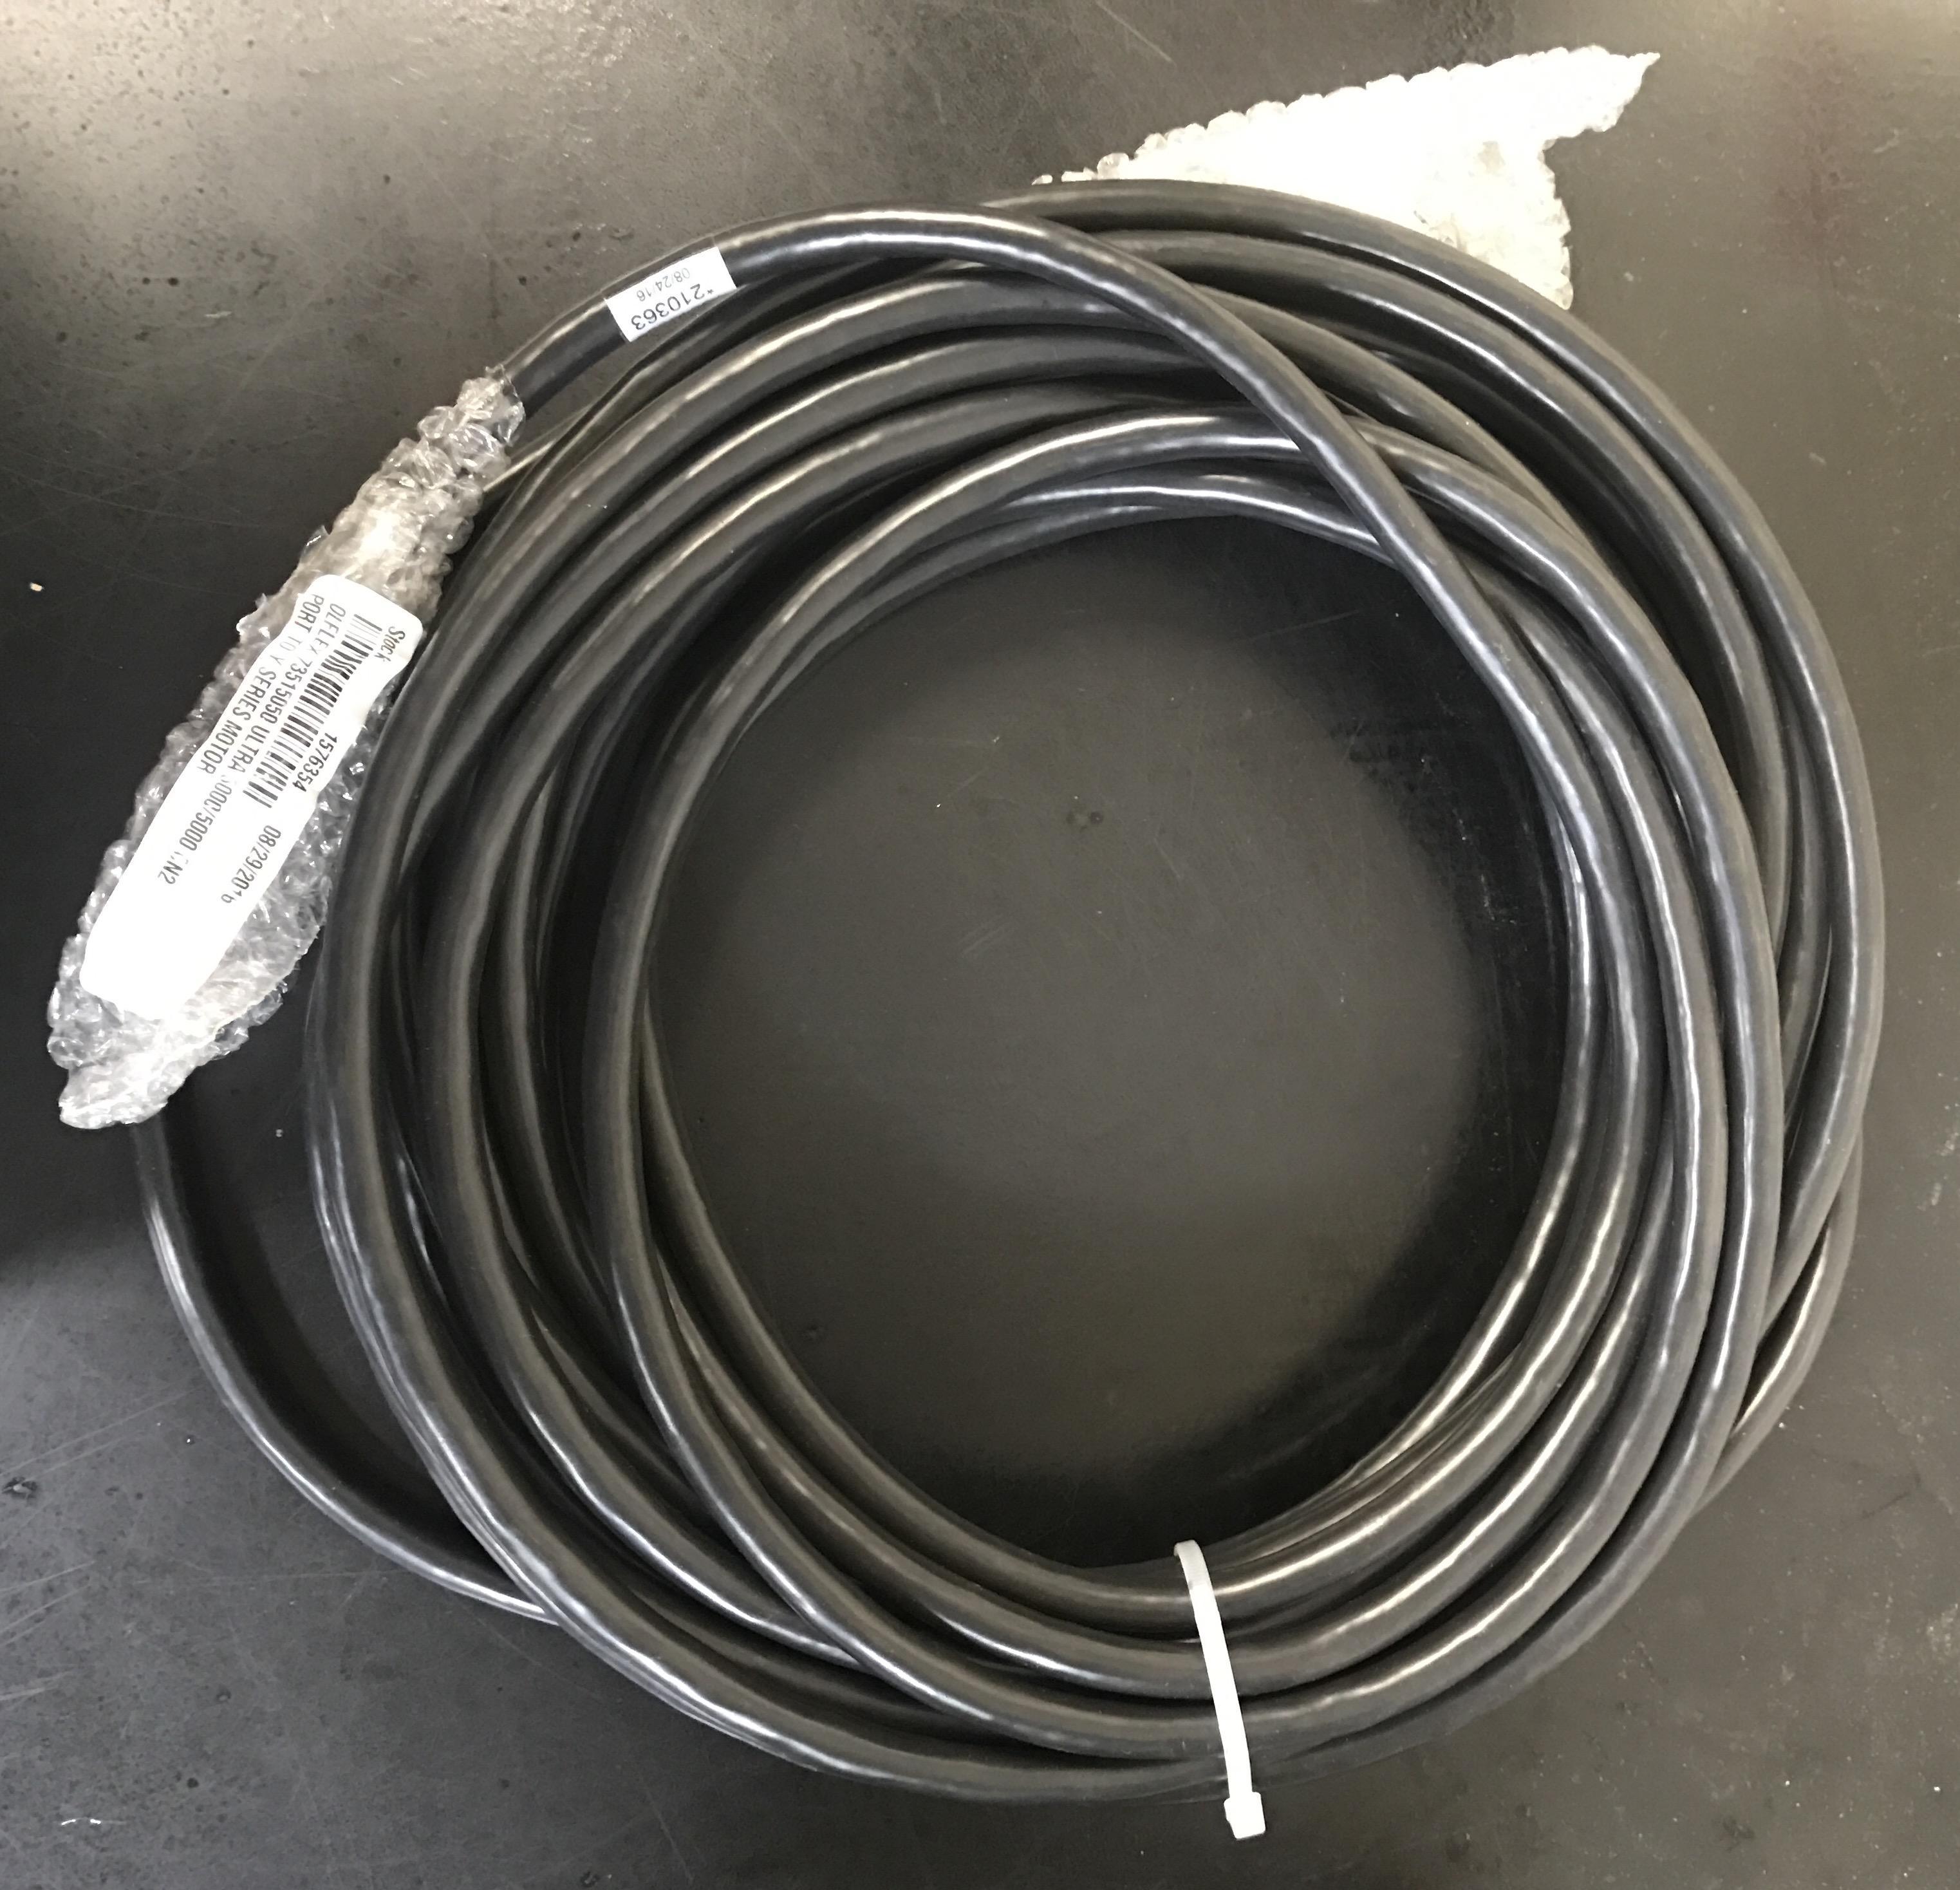 73515050 Olflex Encoder Cable Ultra 3000 Y Motor 50ft Flex